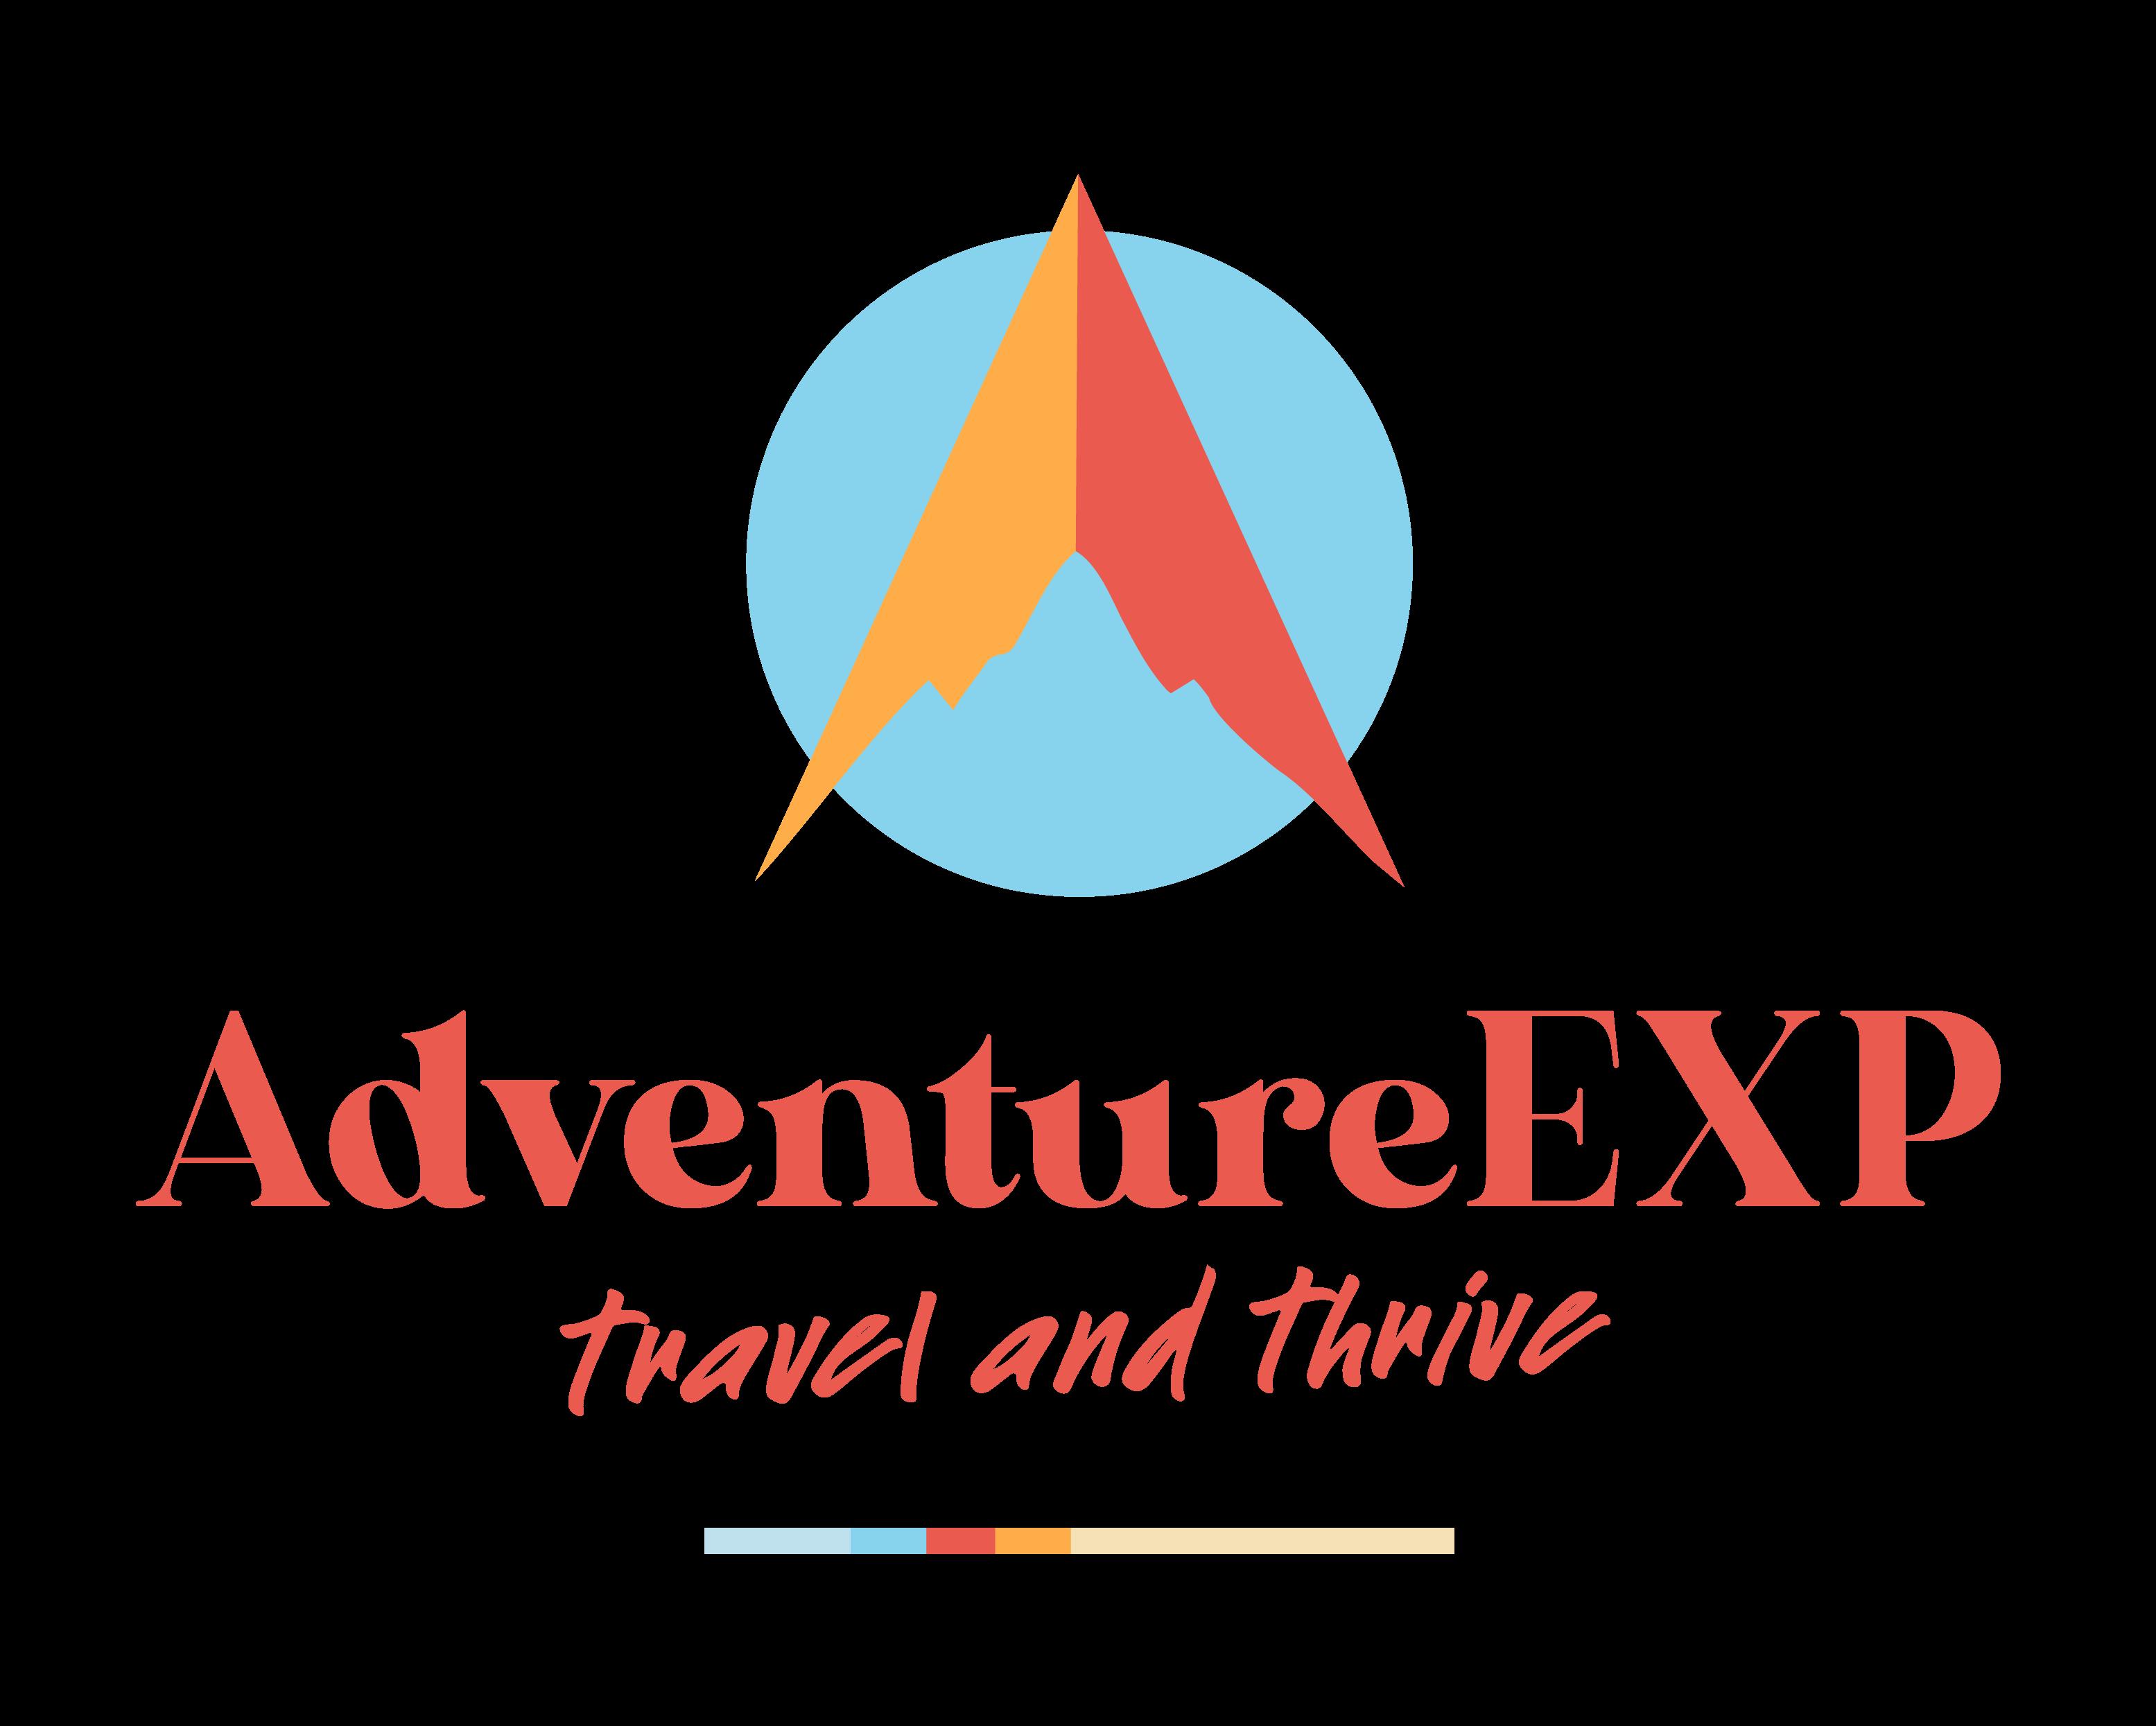 AdventureEXP